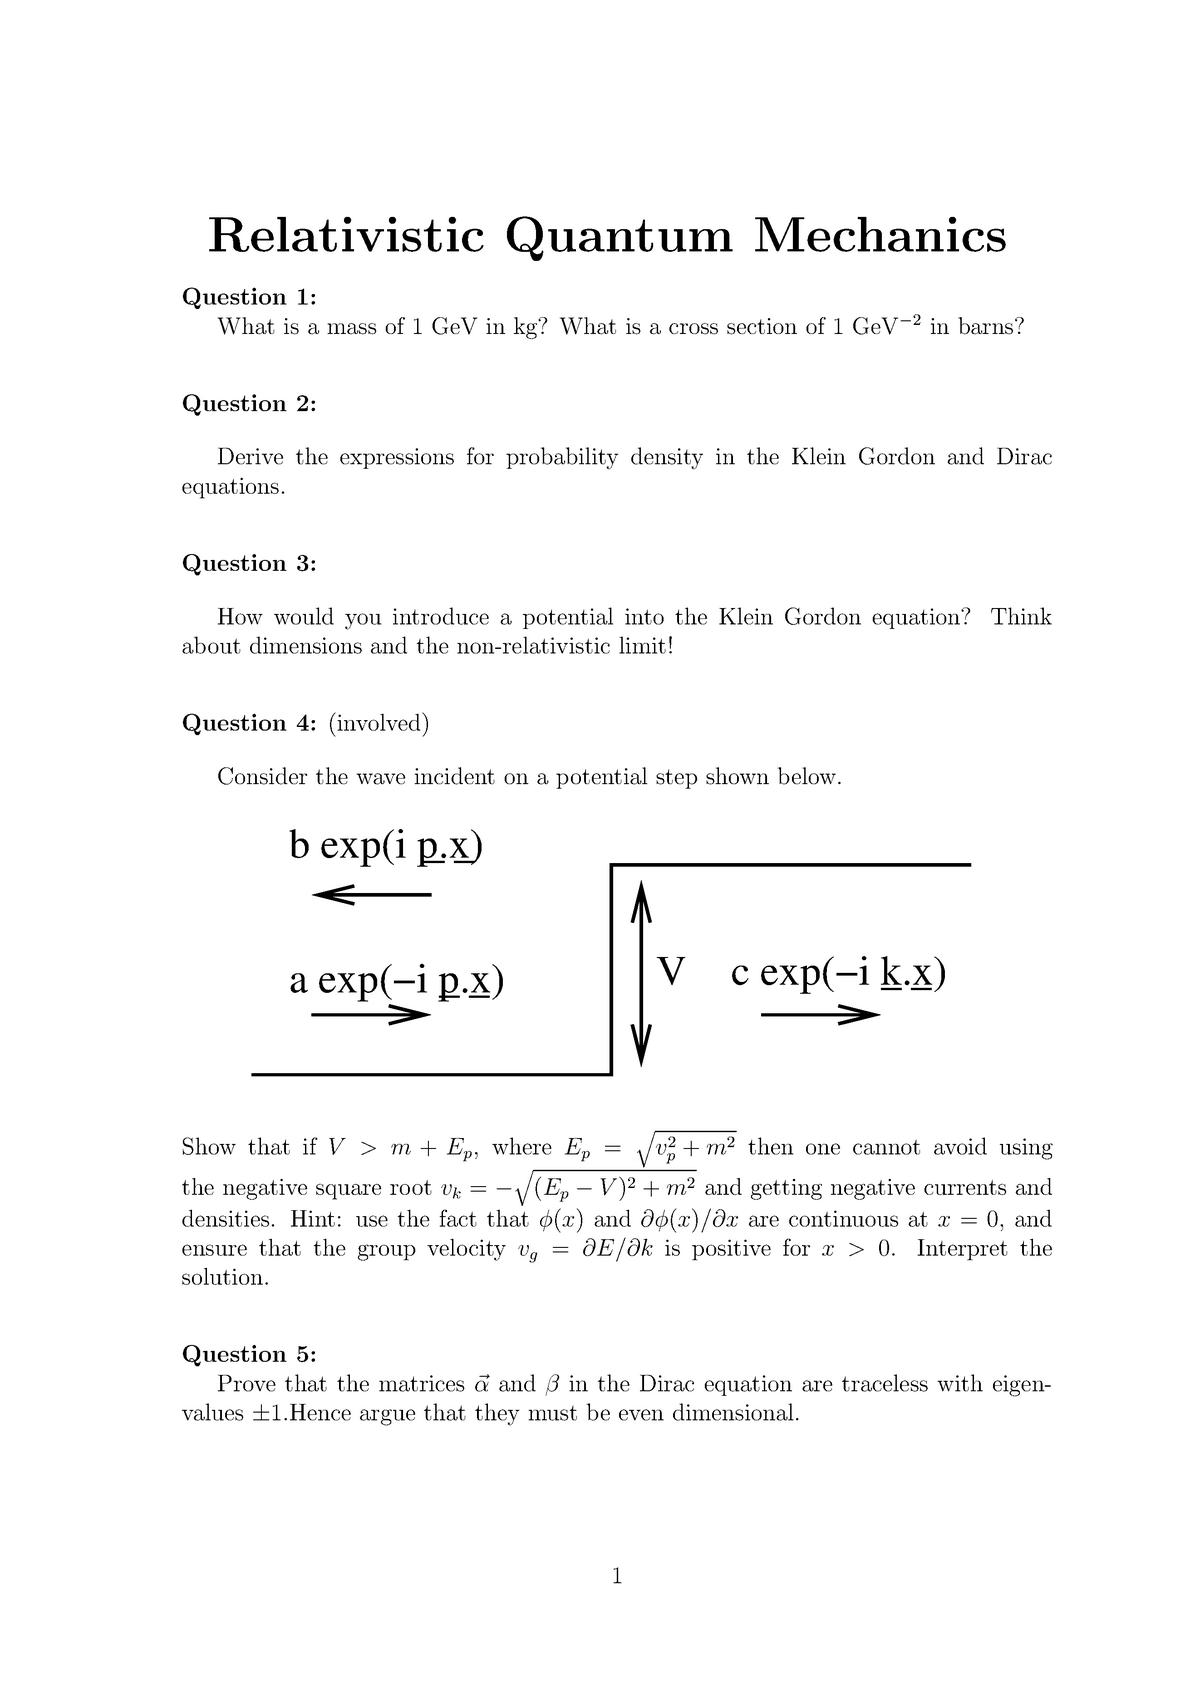 Seminar assignments - Problem sheet relativistic quantum mechanics